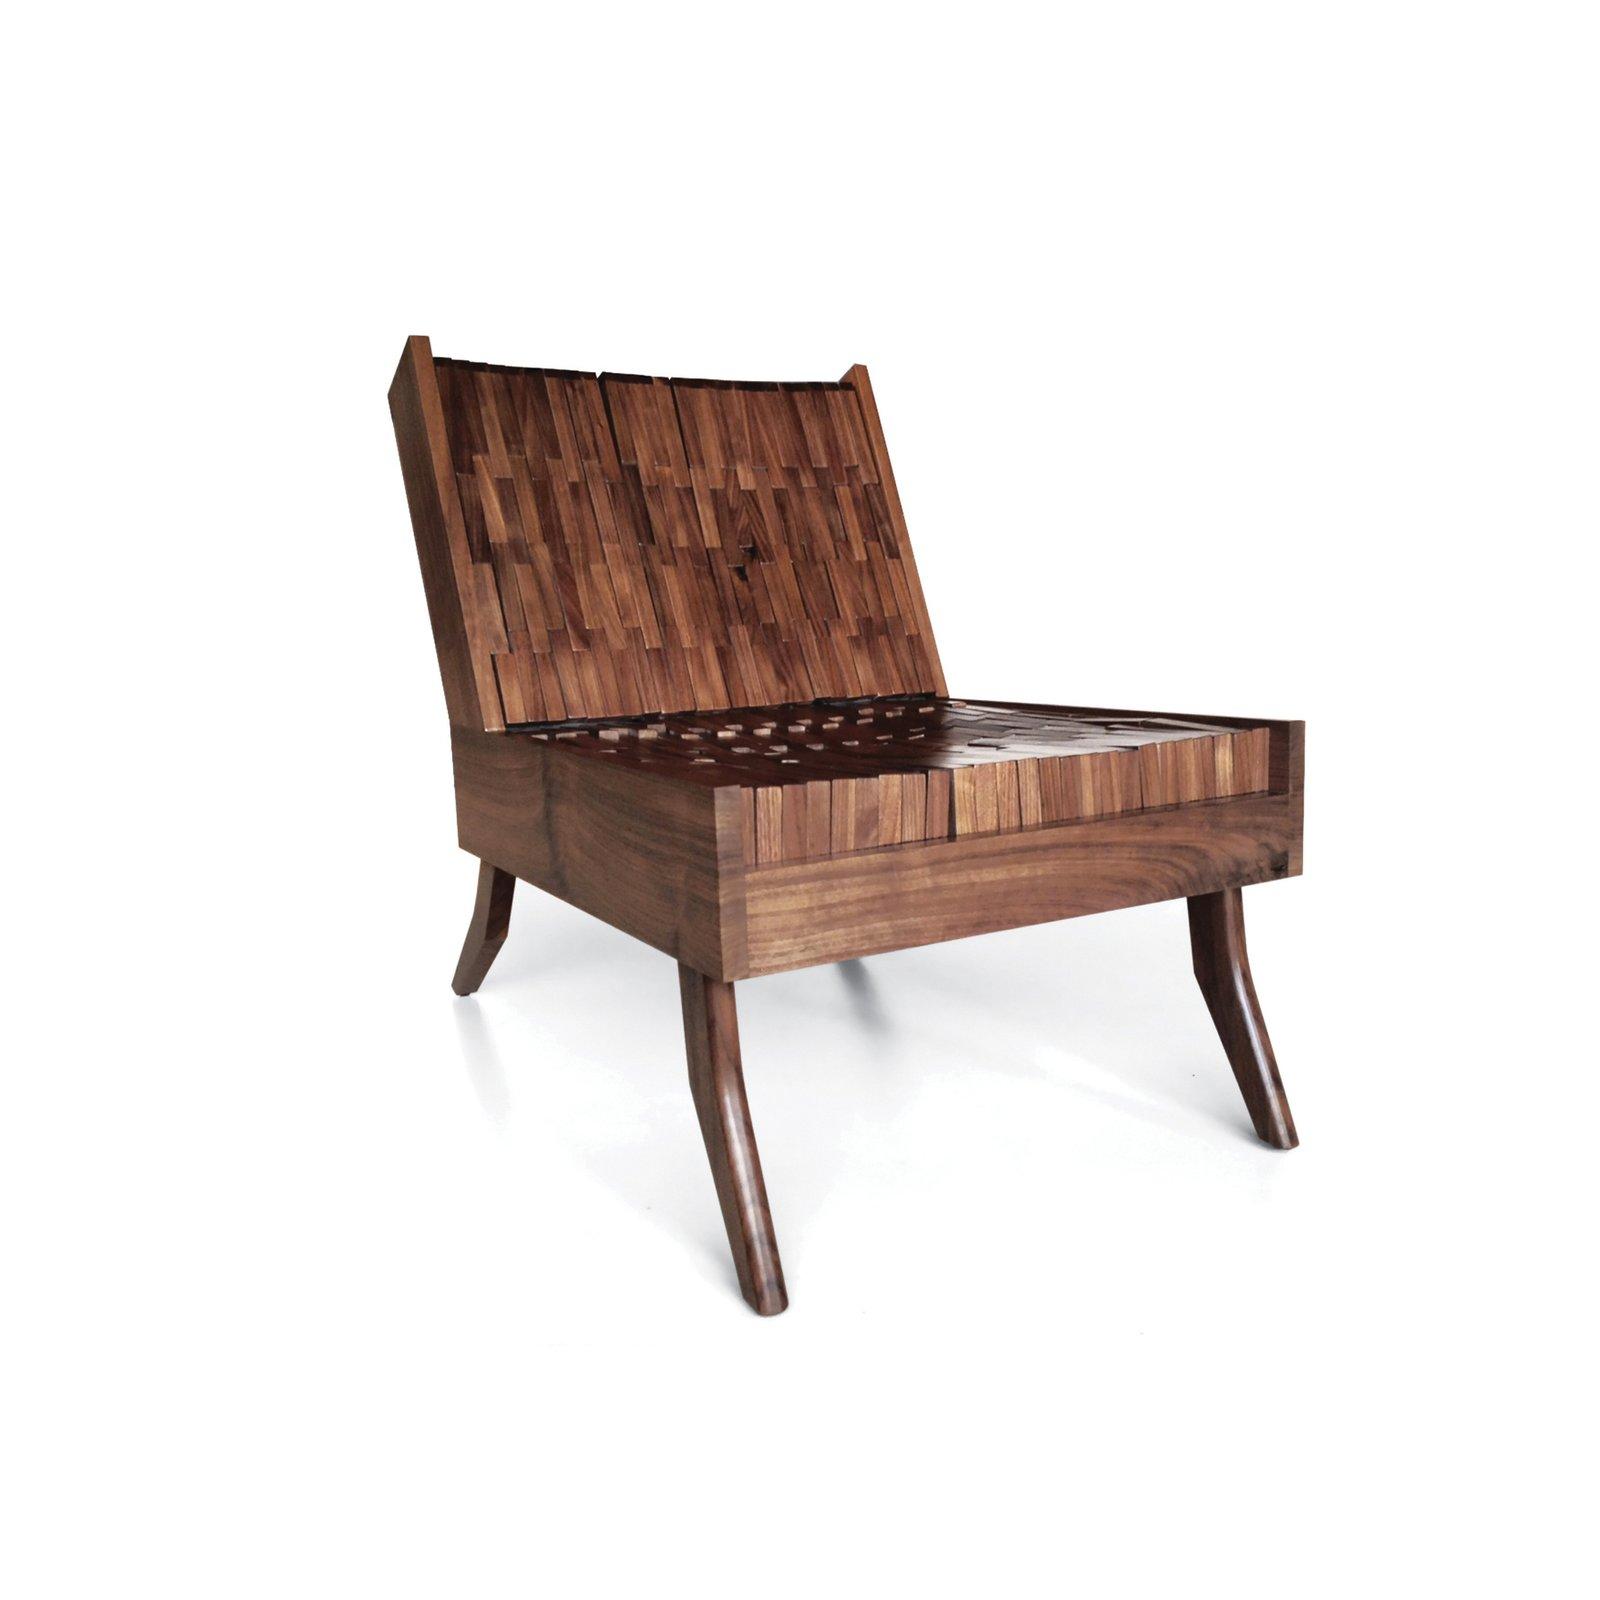 #seatingdesign #seating #chair #furniture #design #walnut #foam #BlockChair #SitskieDesignStudio  #madeinUSA  100+ Best Modern Seating Designs by Dwell